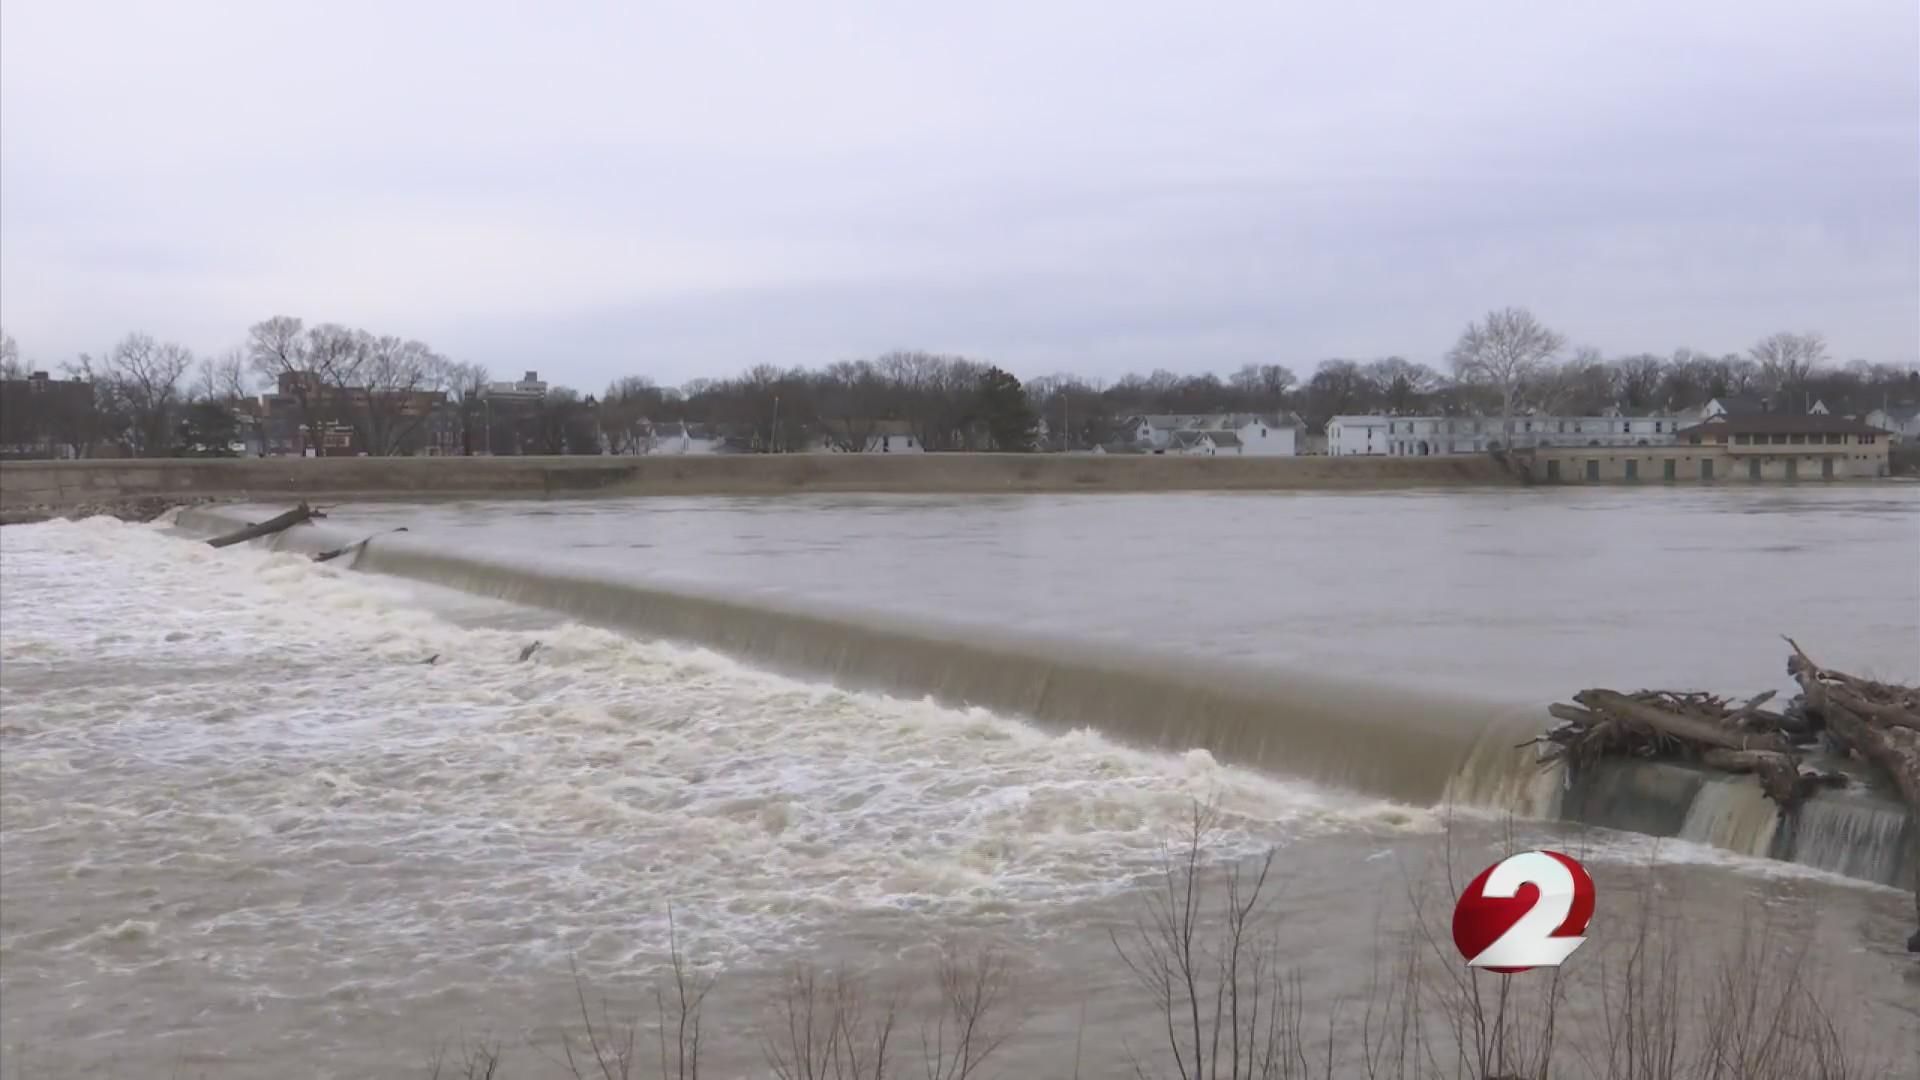 Assessing water main break continues as repairs begin